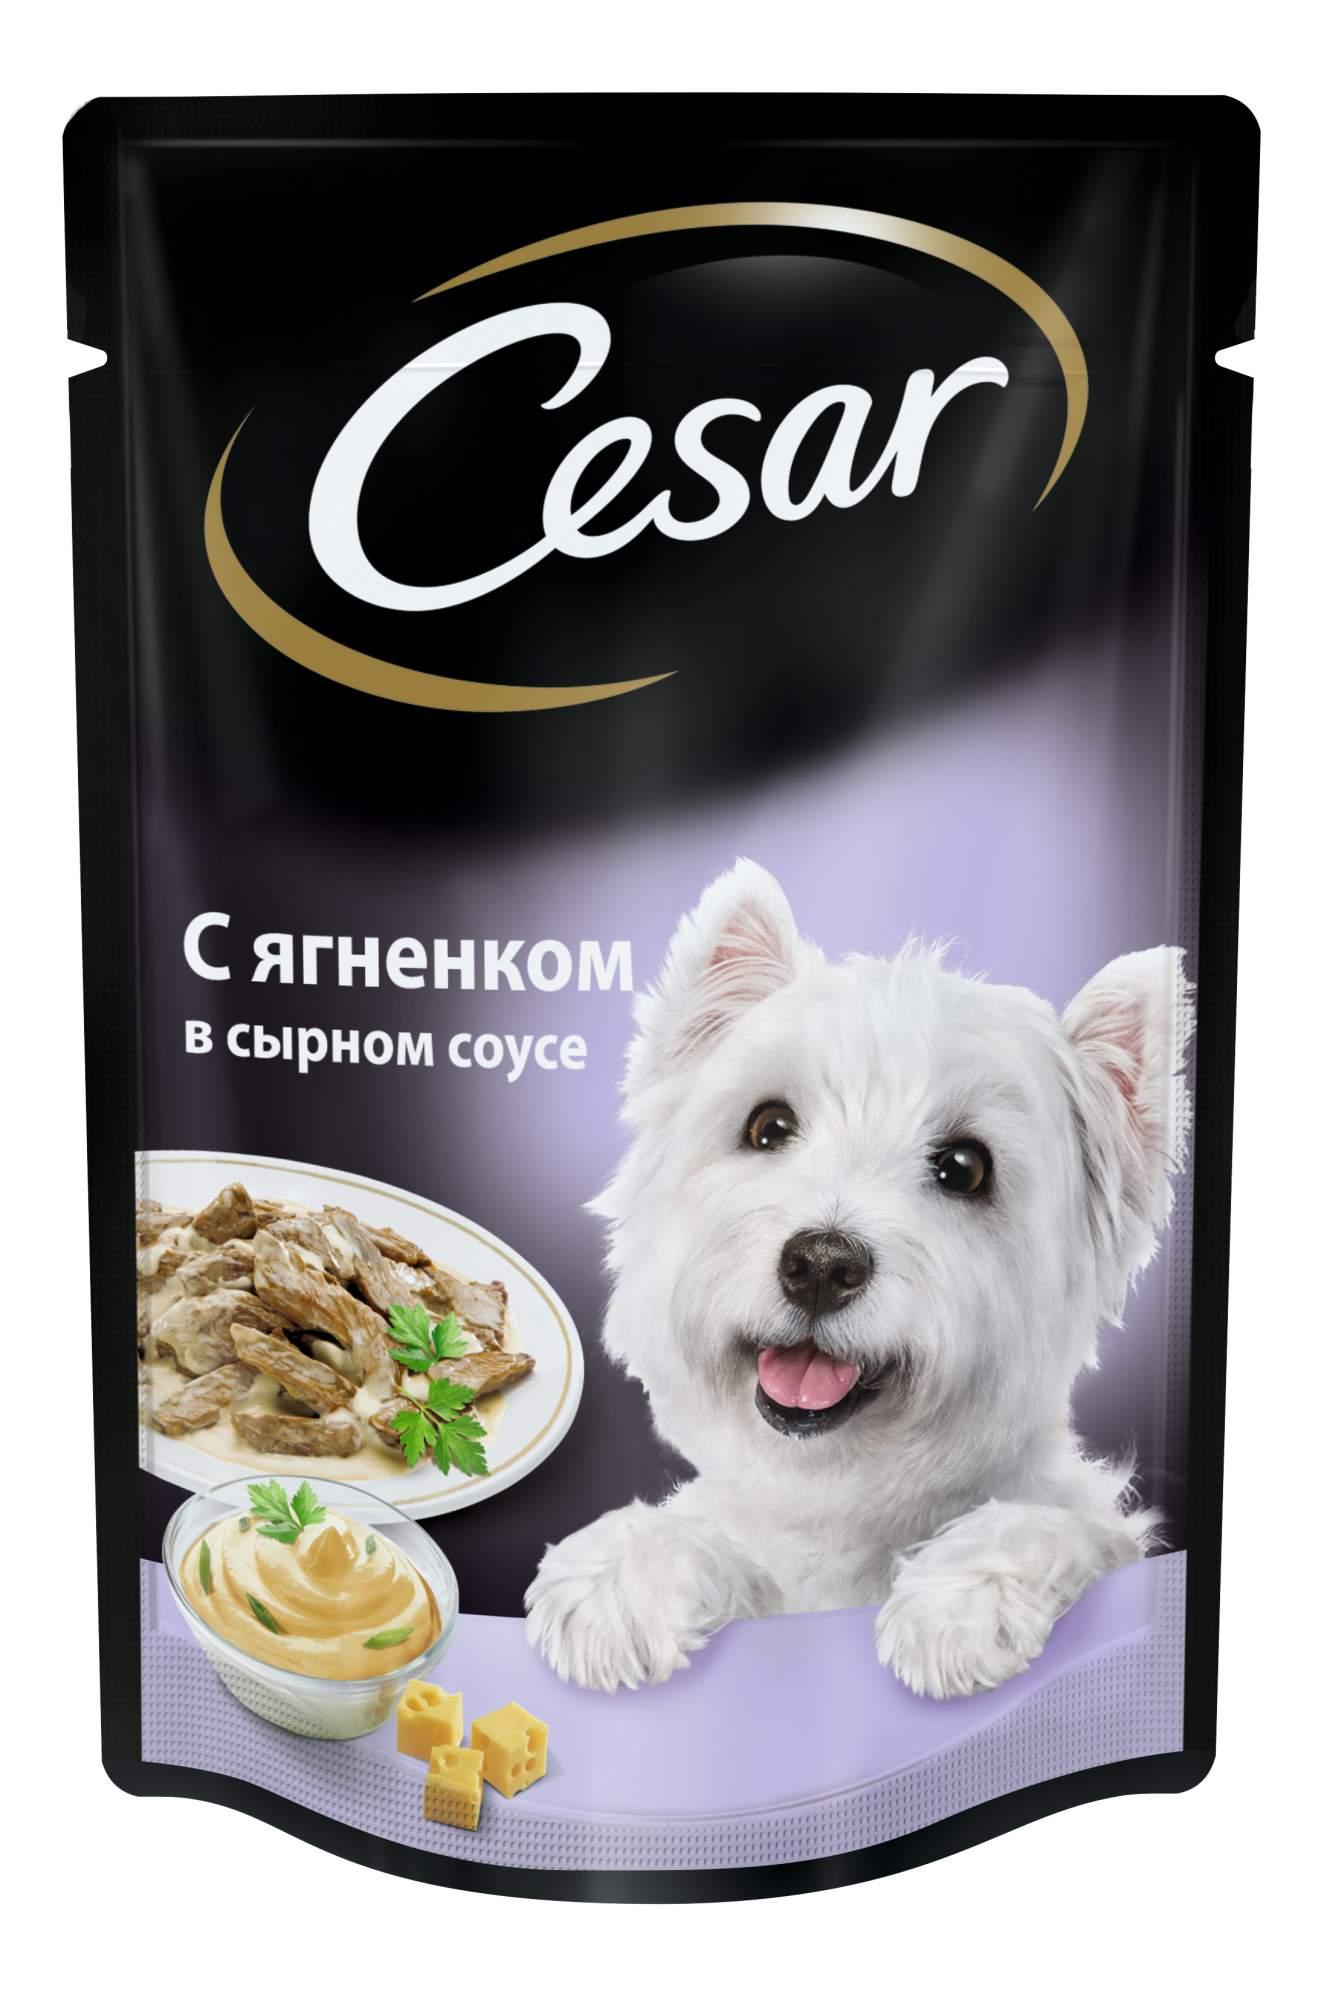 Влажный корм для собак Cesar, ягненок в сырном соусе, 24шт, 100г